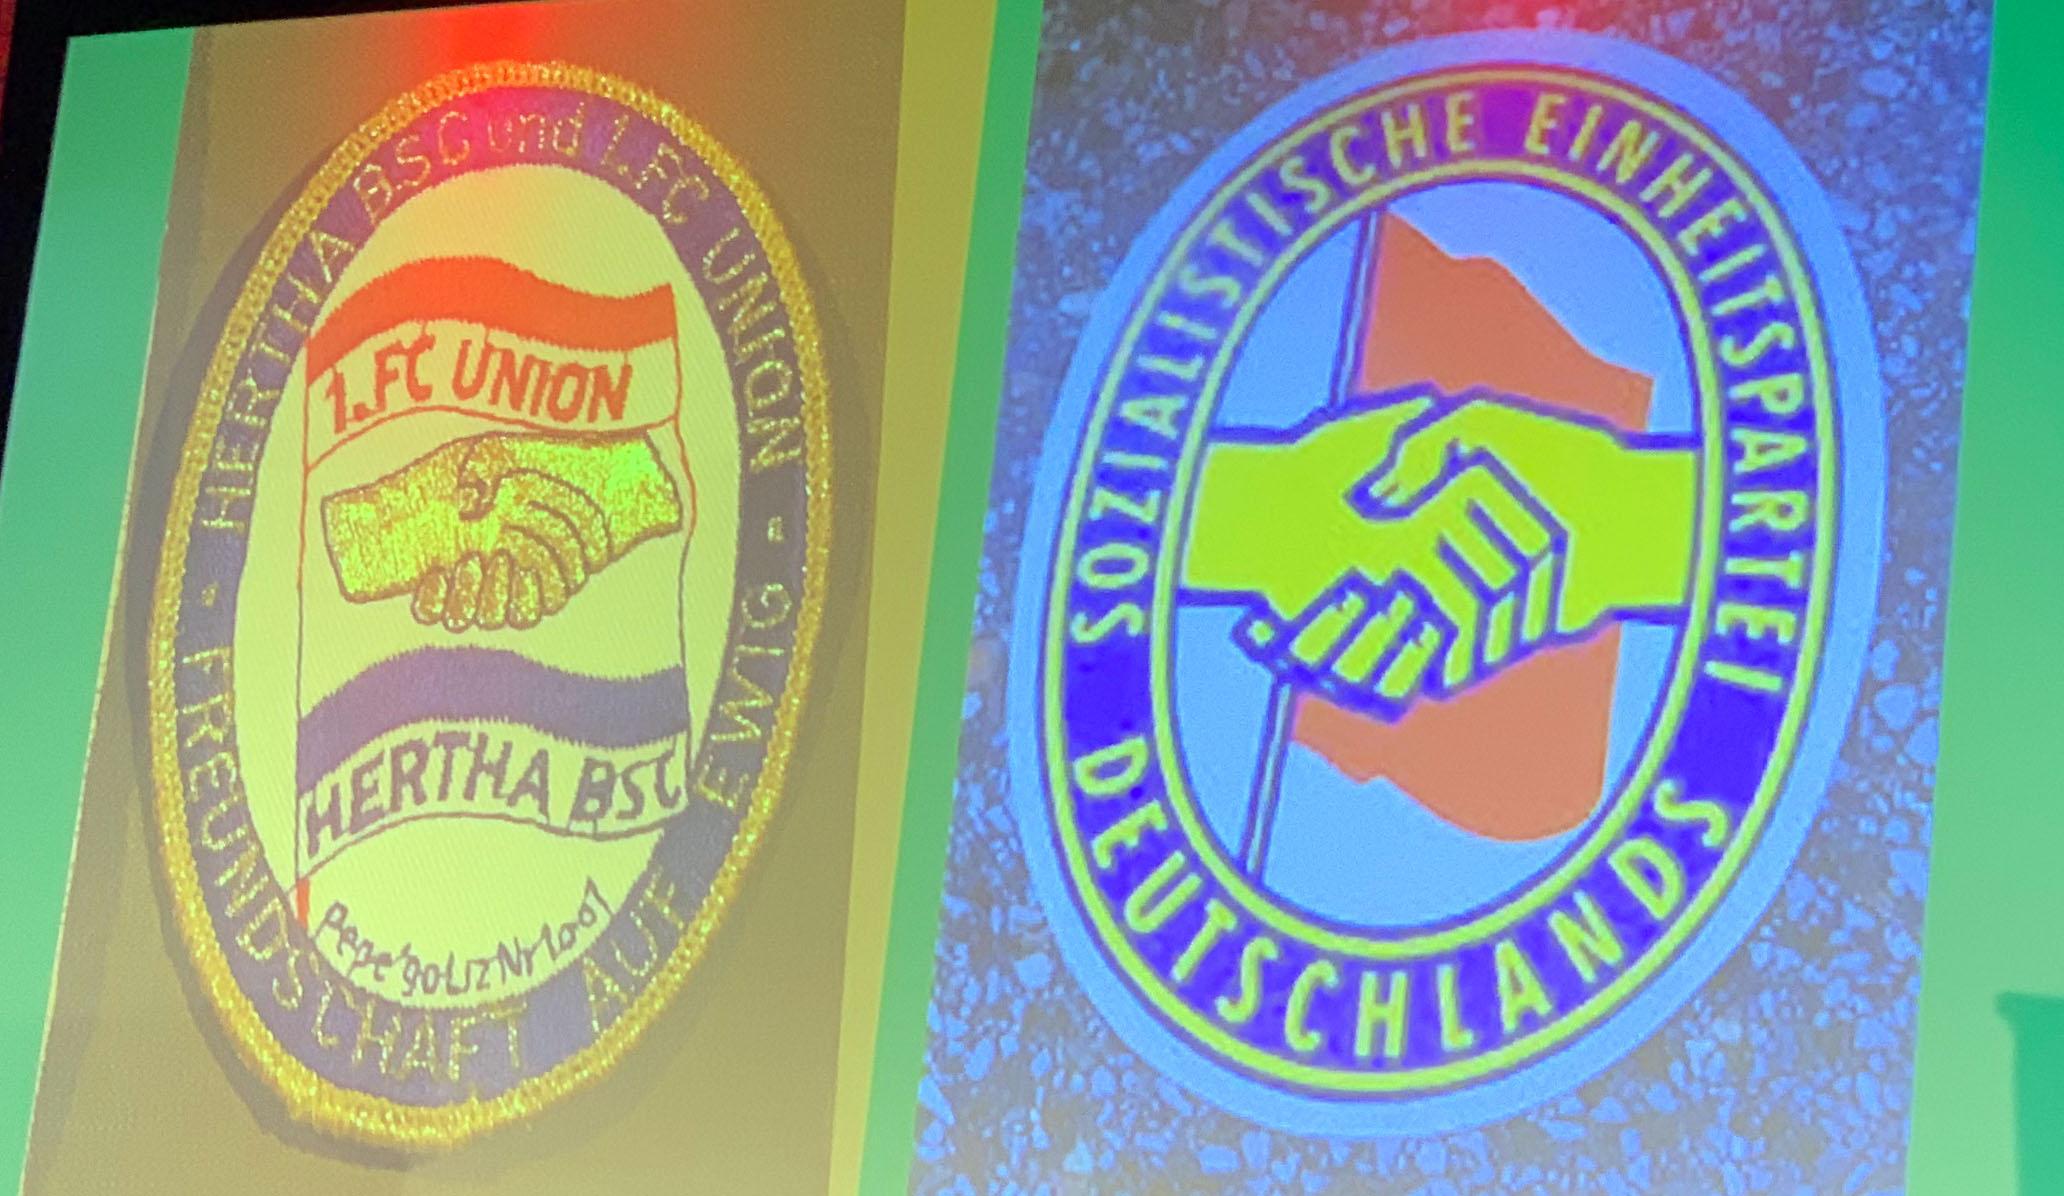 Jutta Braun zeigte auch etwas außergewöhnliche Fanartikel, die die Hertha-Union-Freundschaft darstellen sollten, wie dieser an das SED-Logo angelehnte Aufnäher, Bild via Jutta Braun